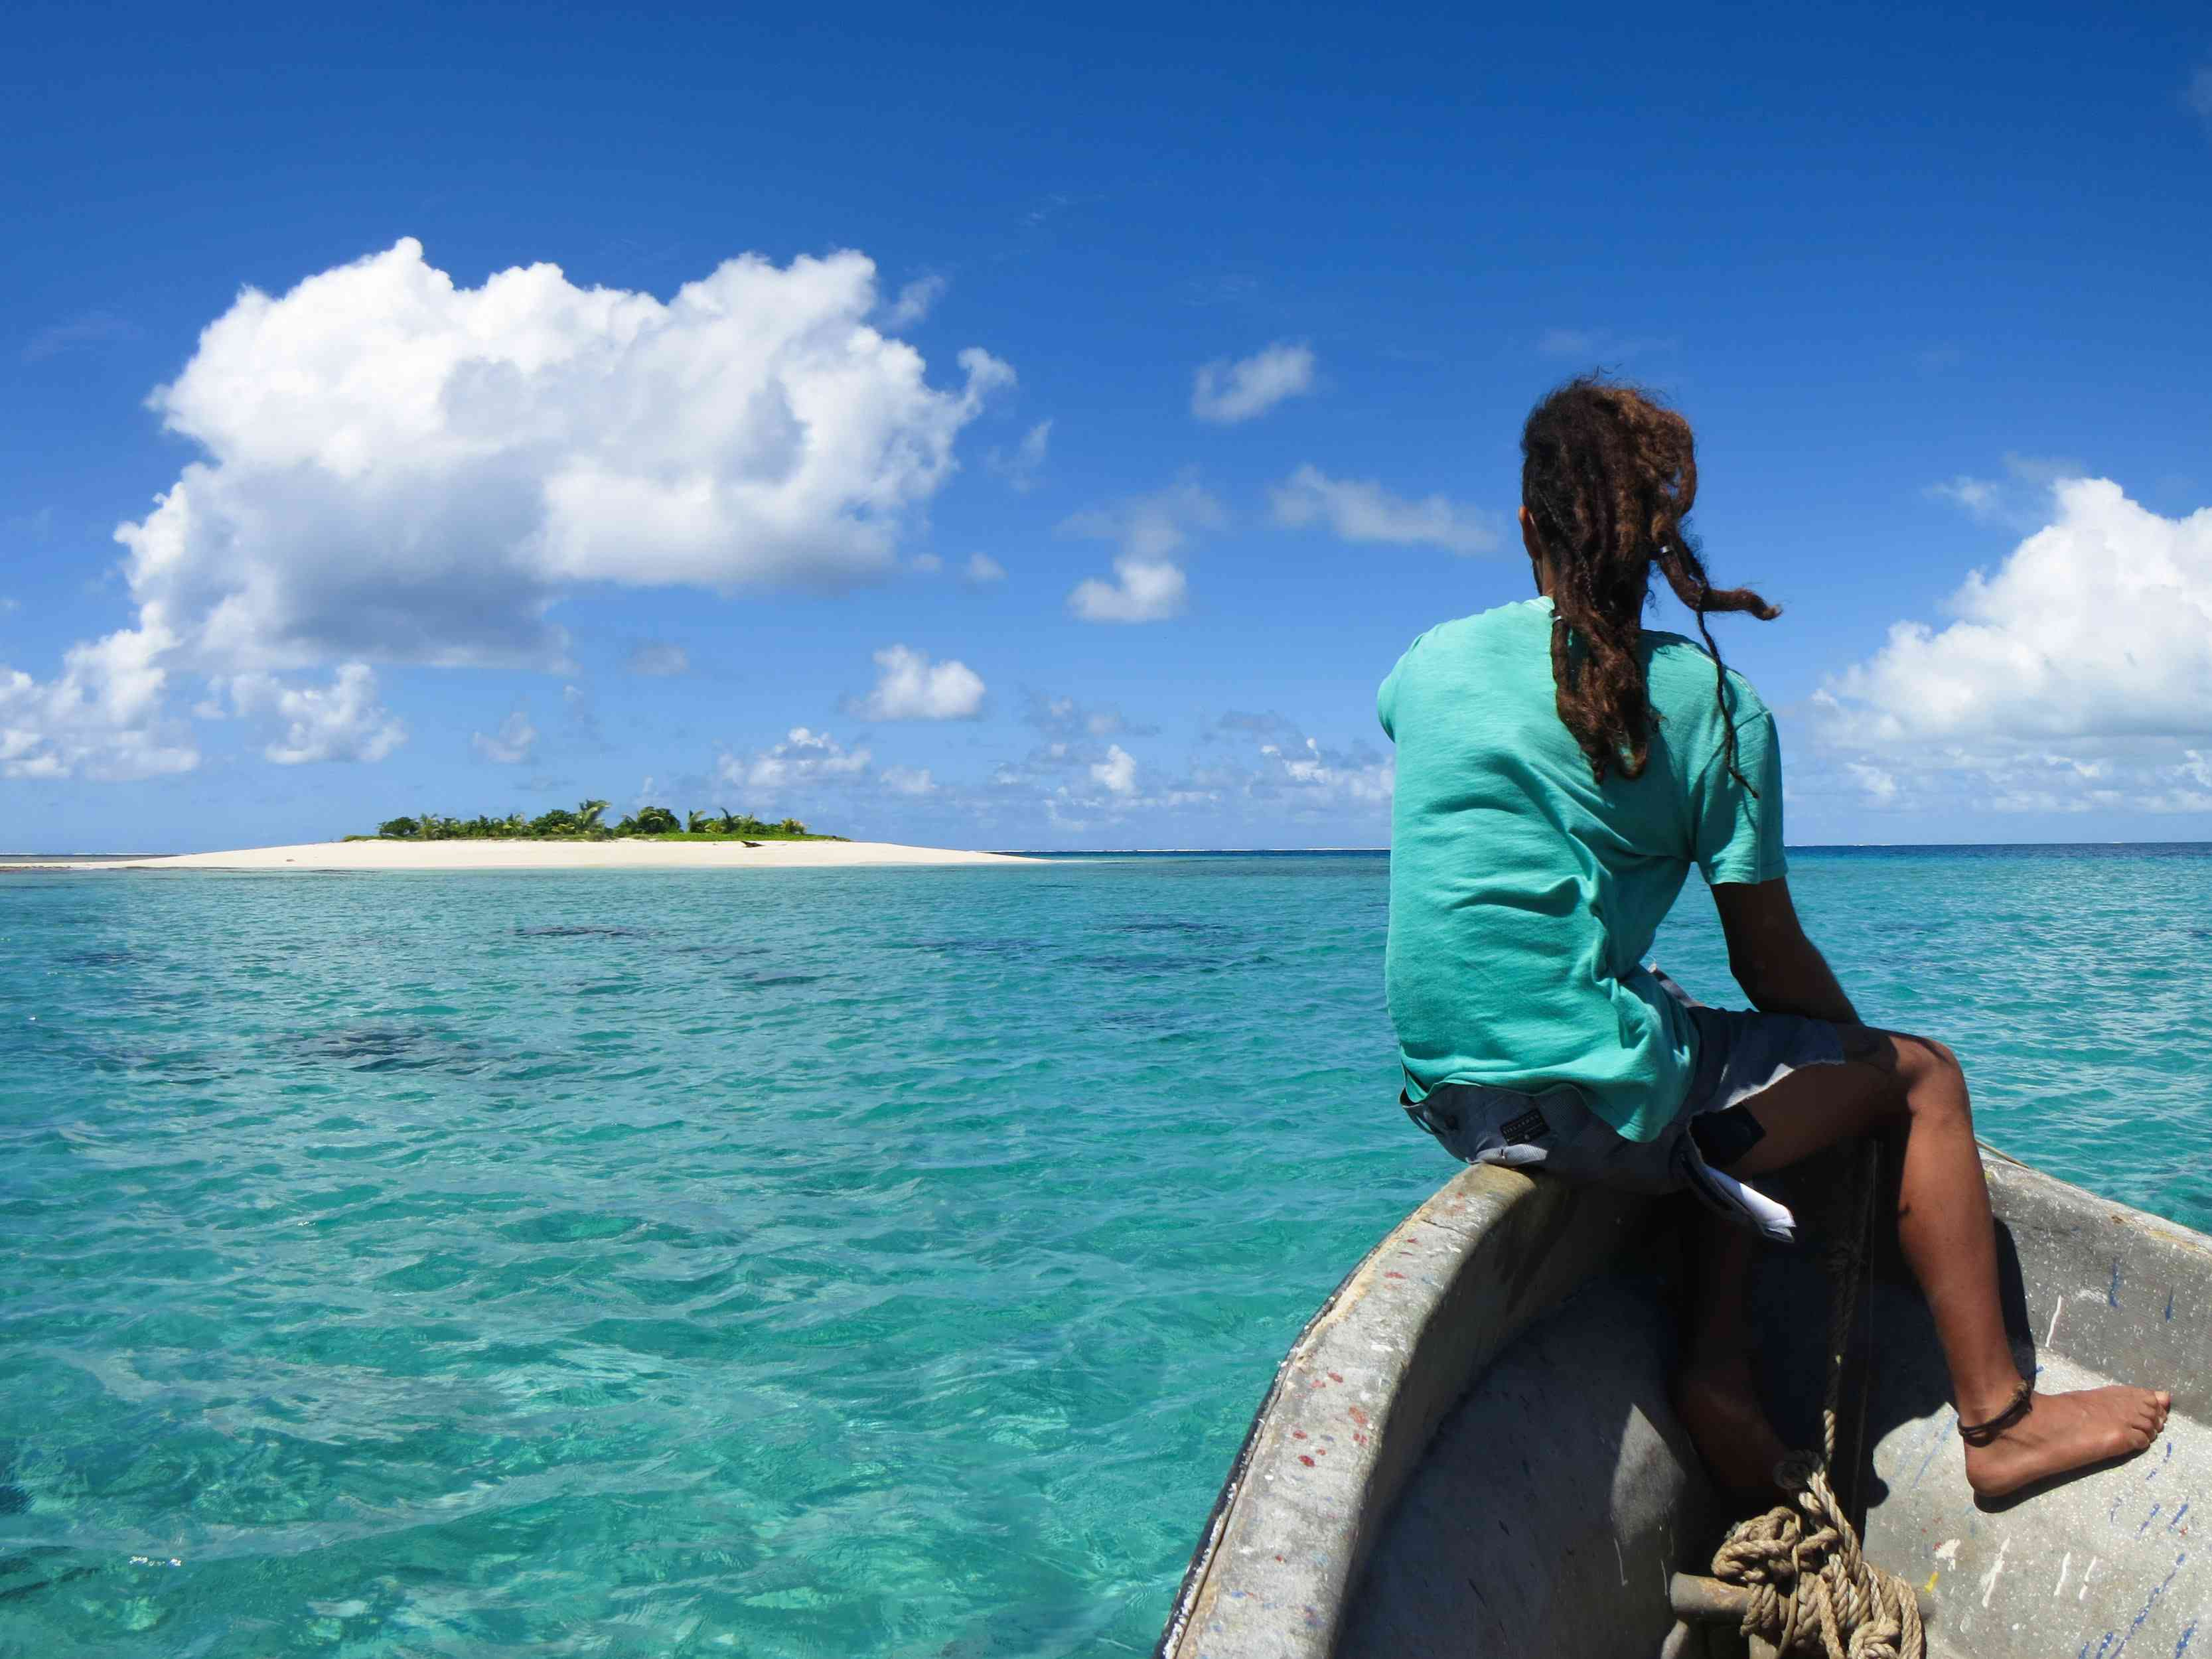 a person on a small motor boat headed towards Fiji